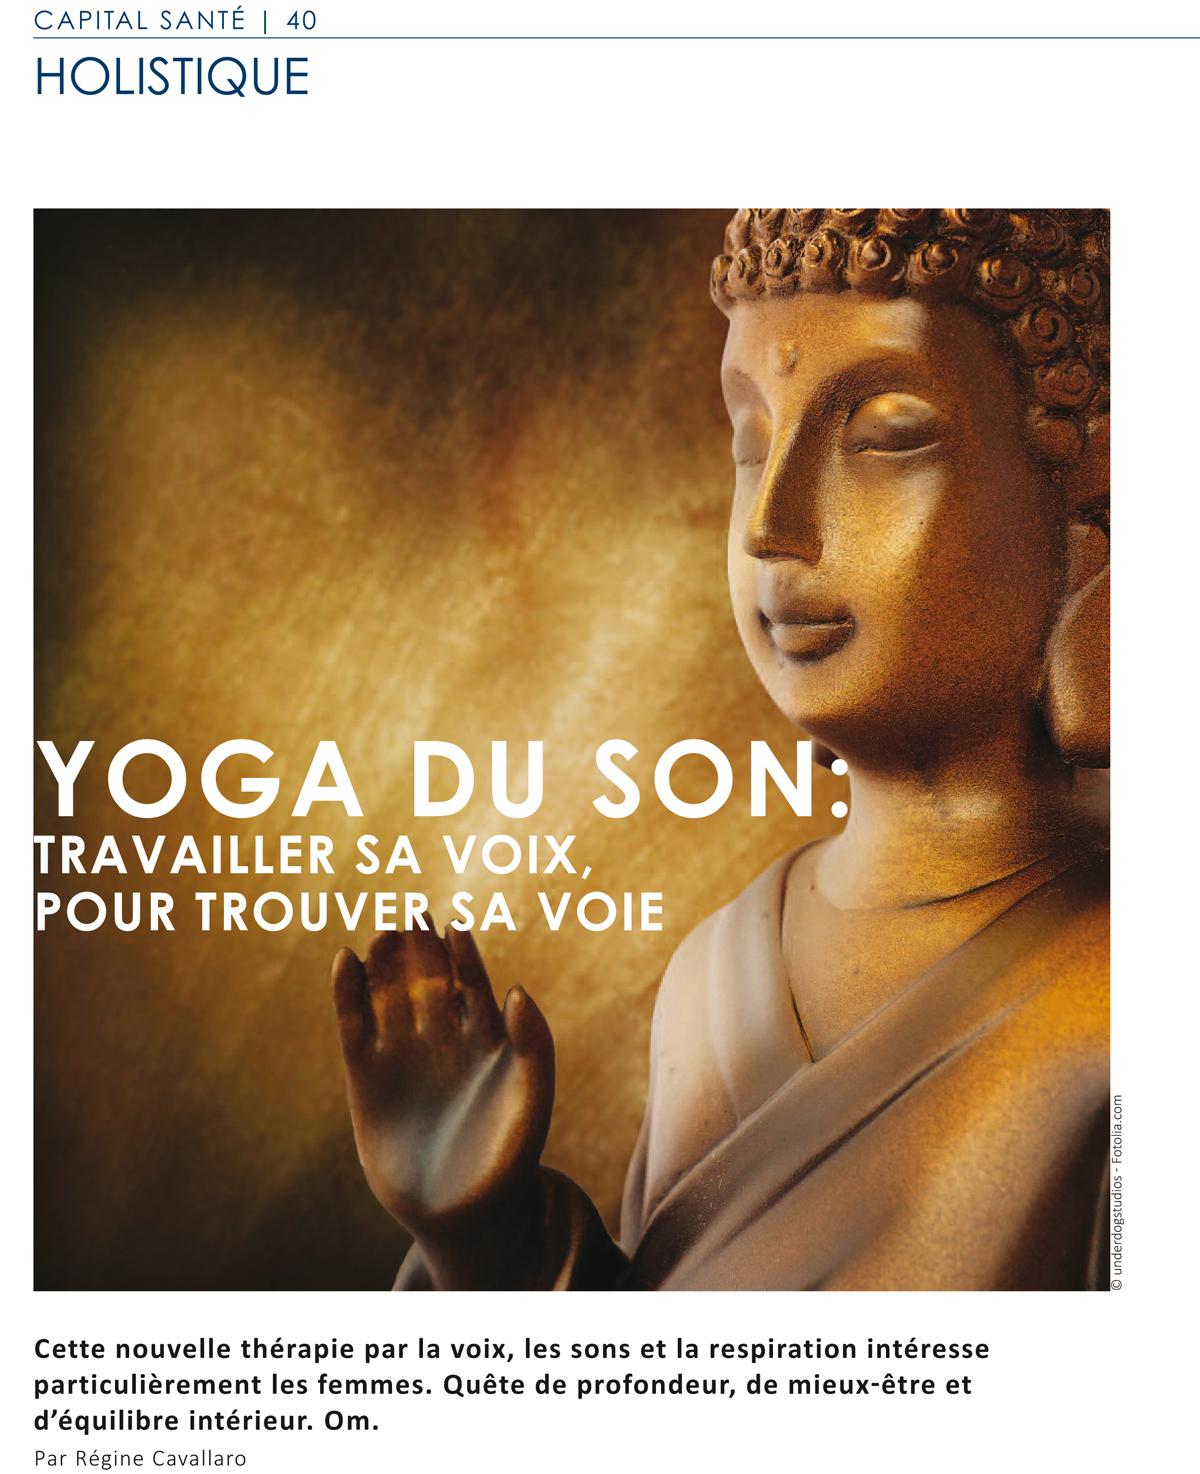 cs05_yoga_du_son-1_web